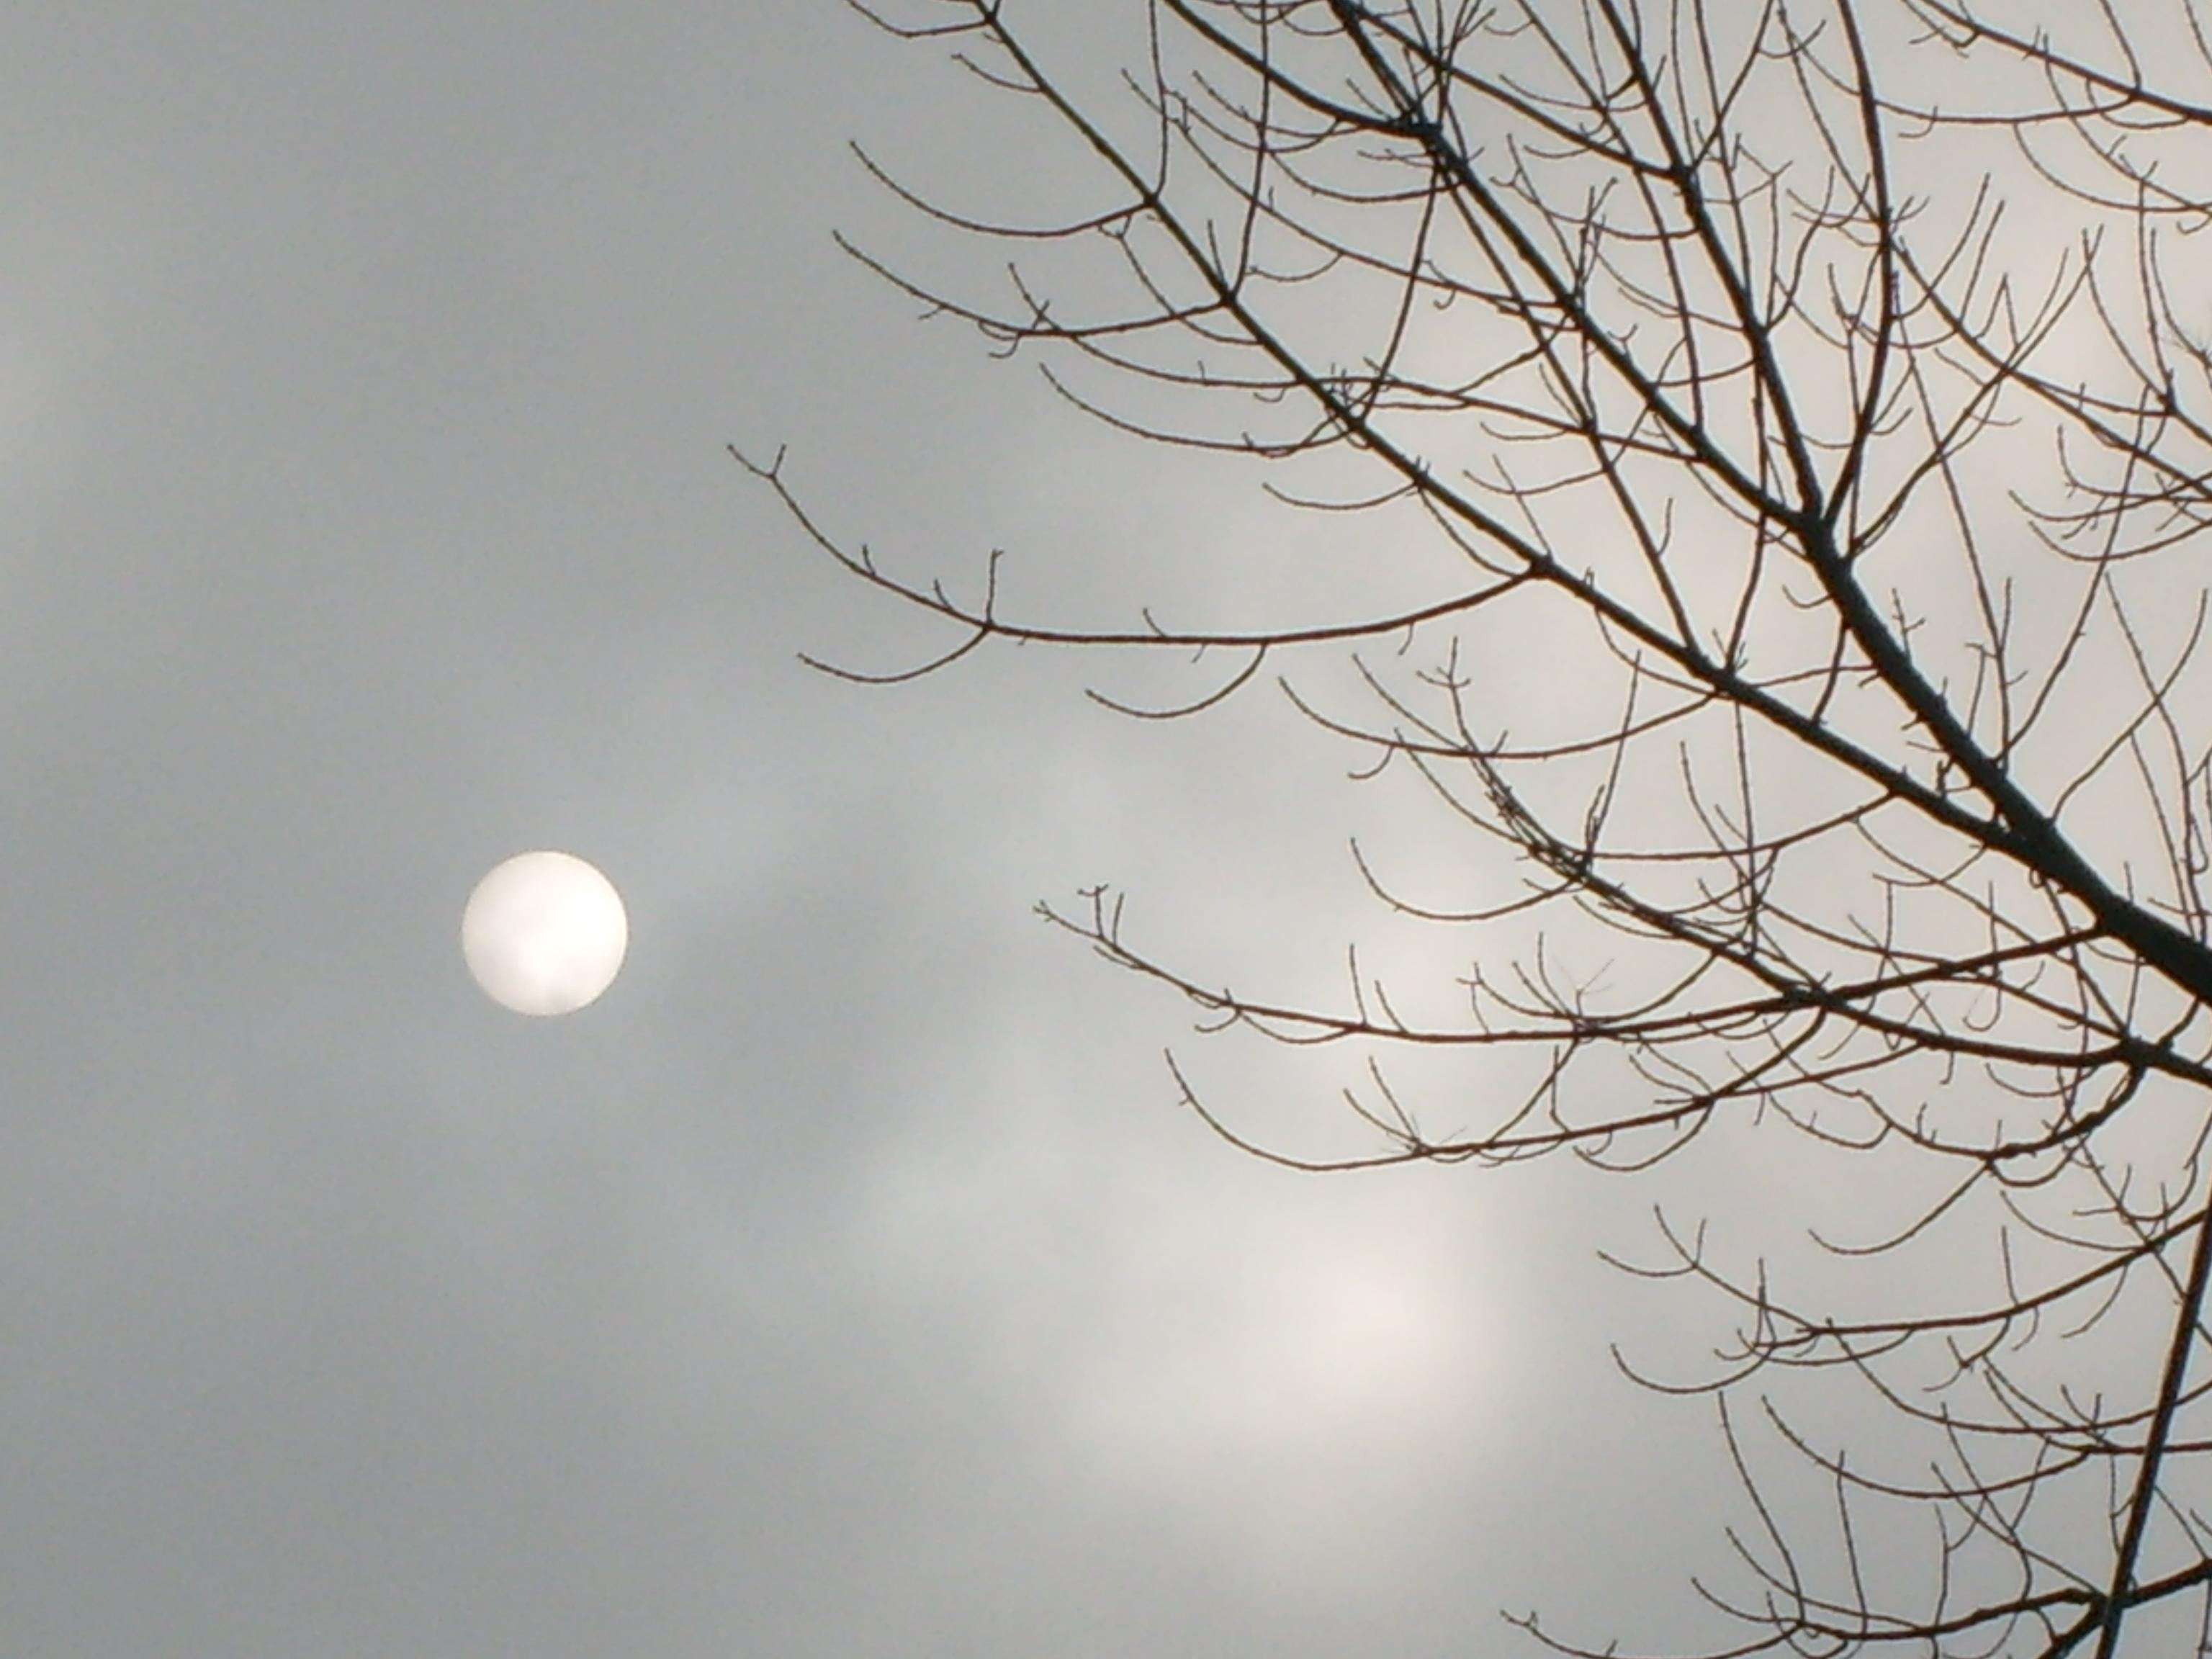 Ice Egg in the Sky